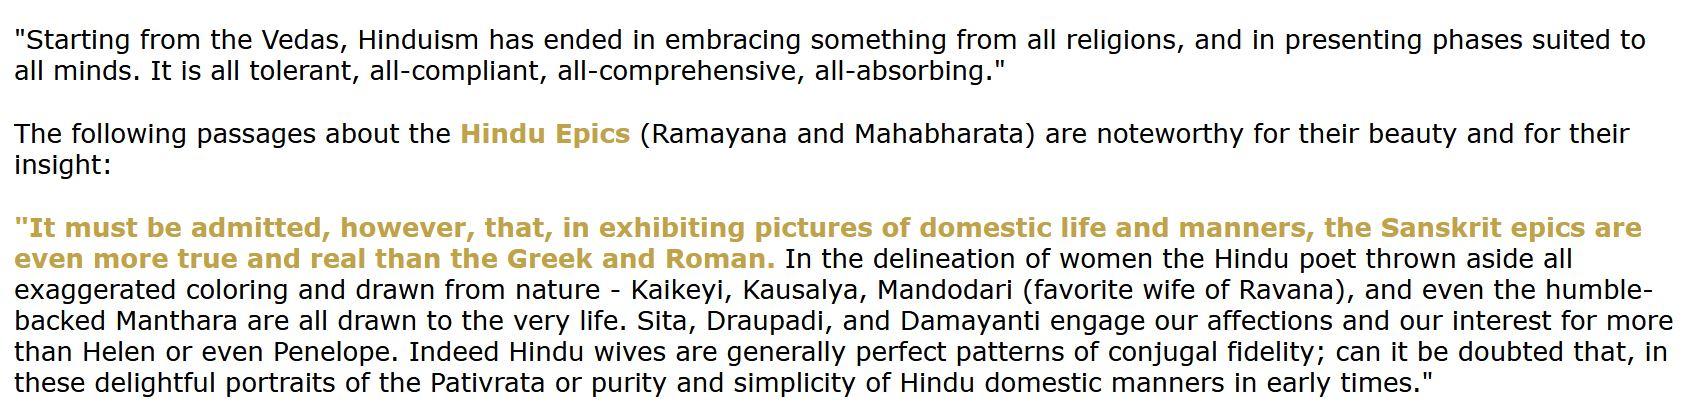 Dharma triumph4.JPG